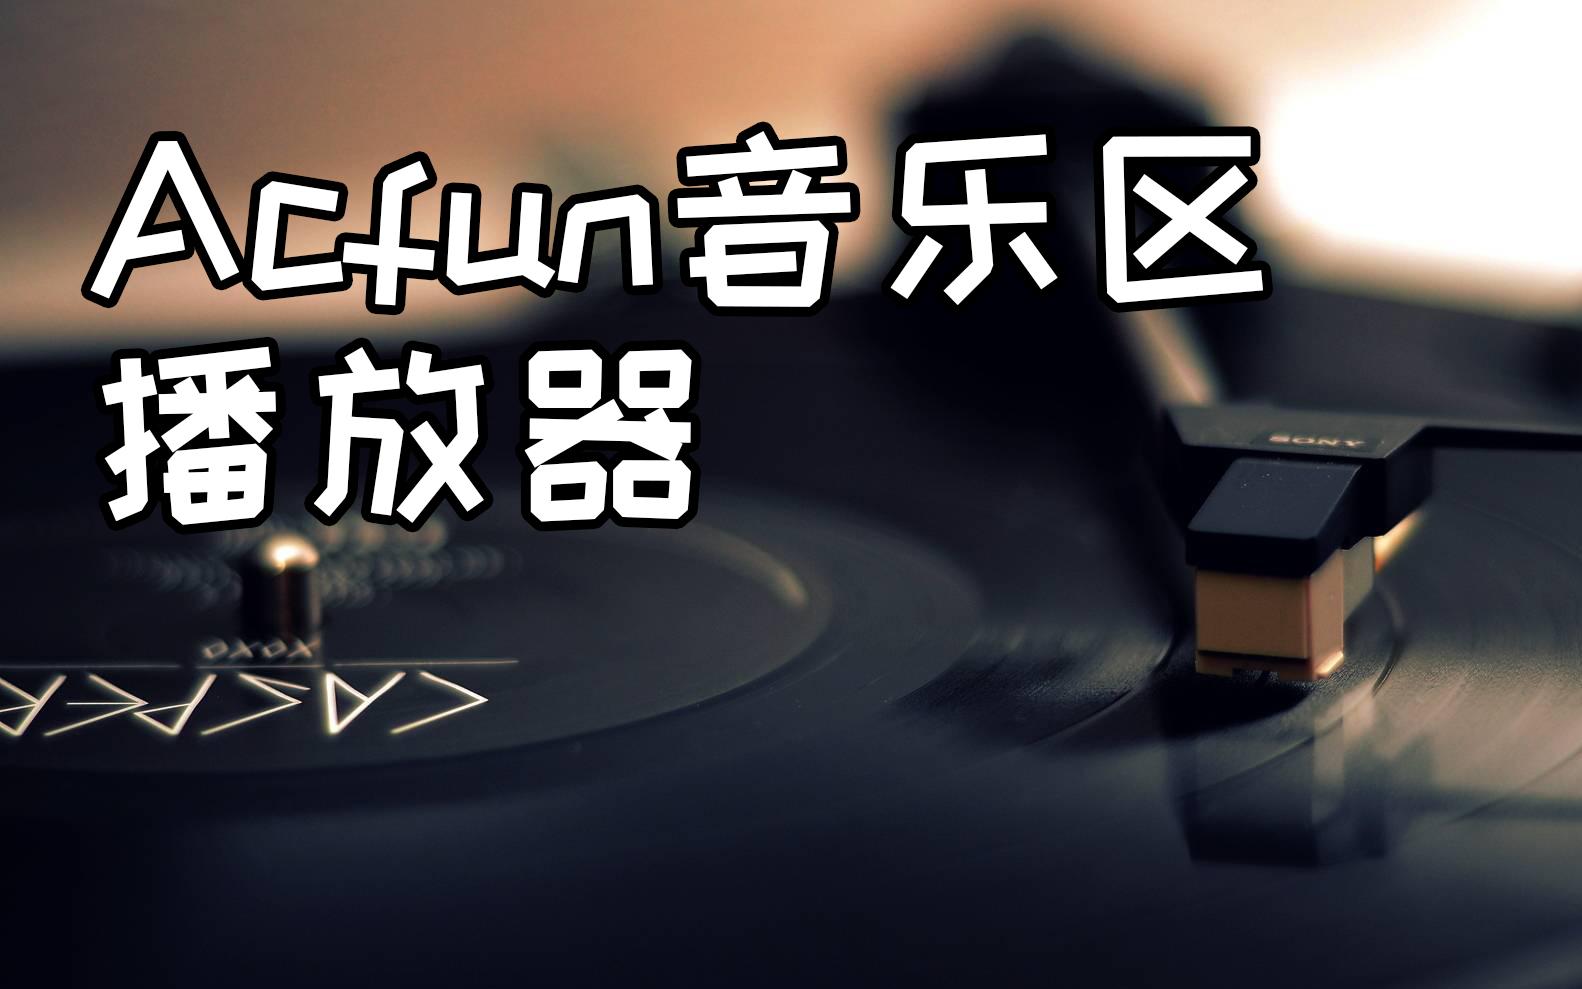 Acfun音乐区播放器插件【A力全开】